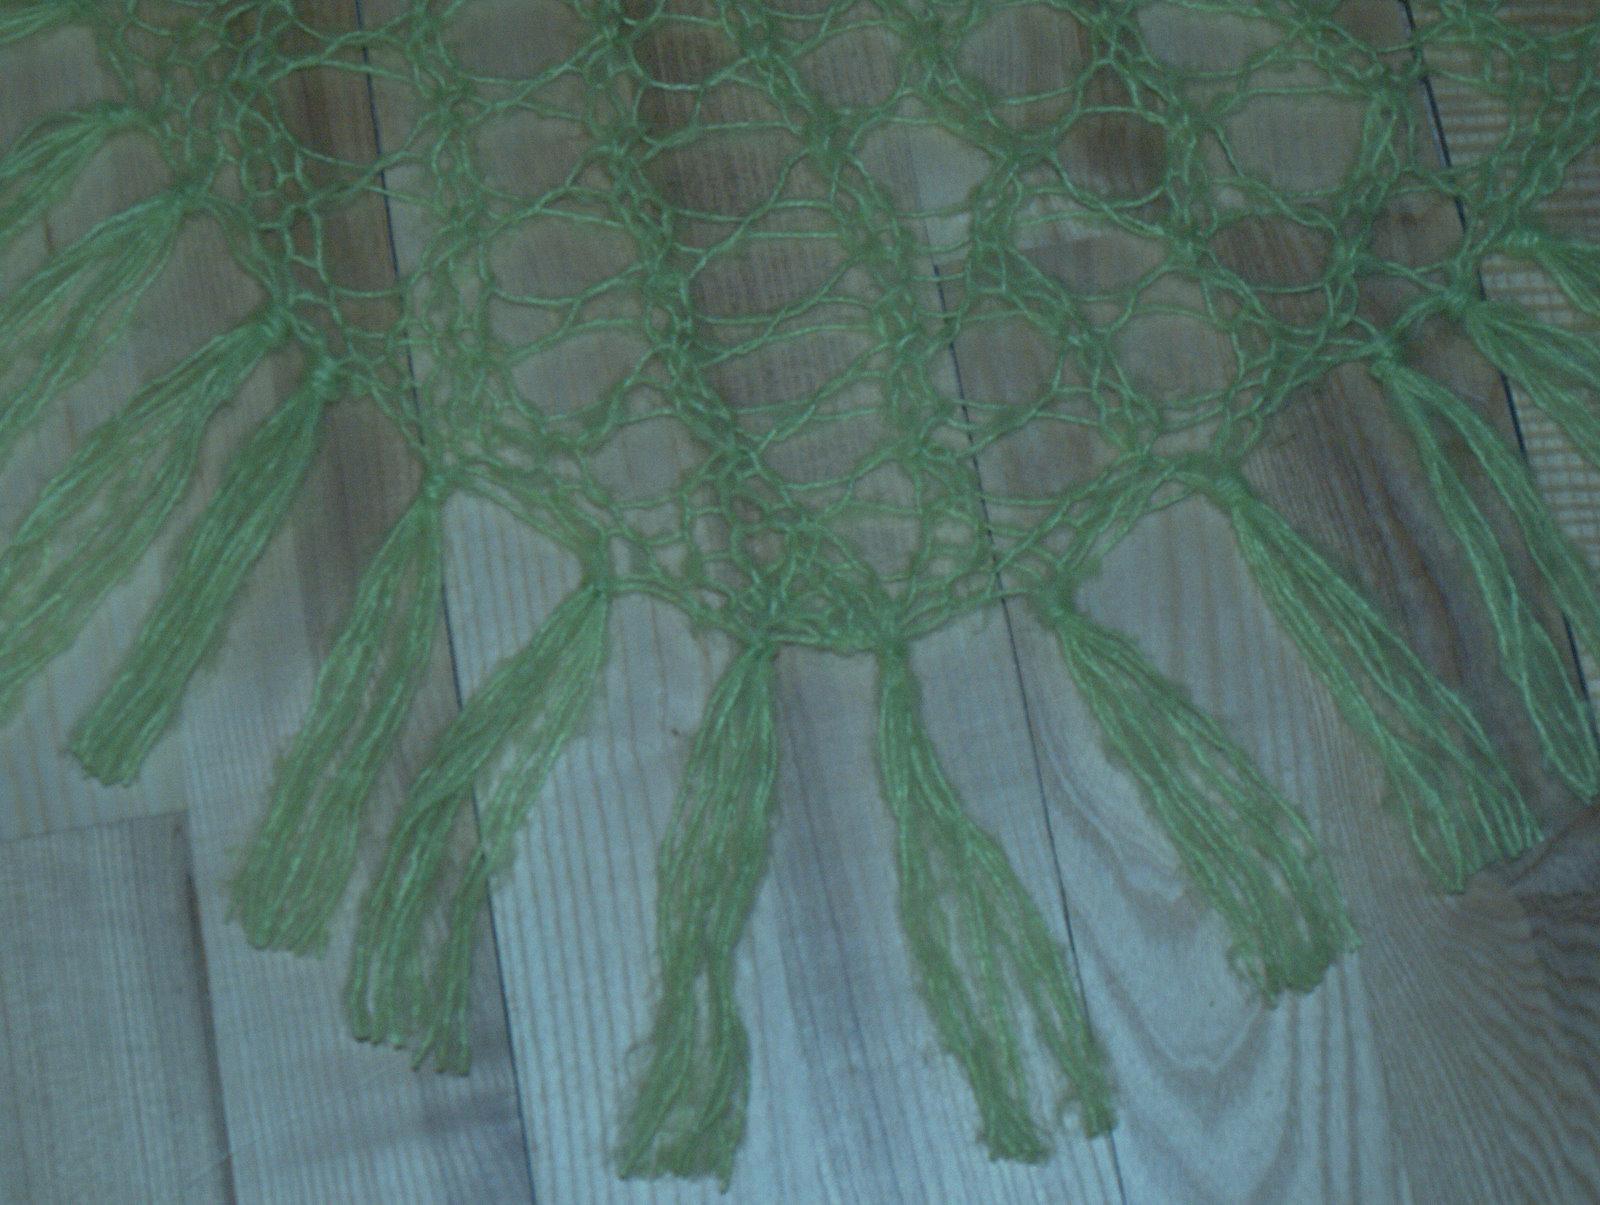 Samme sjal, tættere på, så mønstret lettere kan ses.